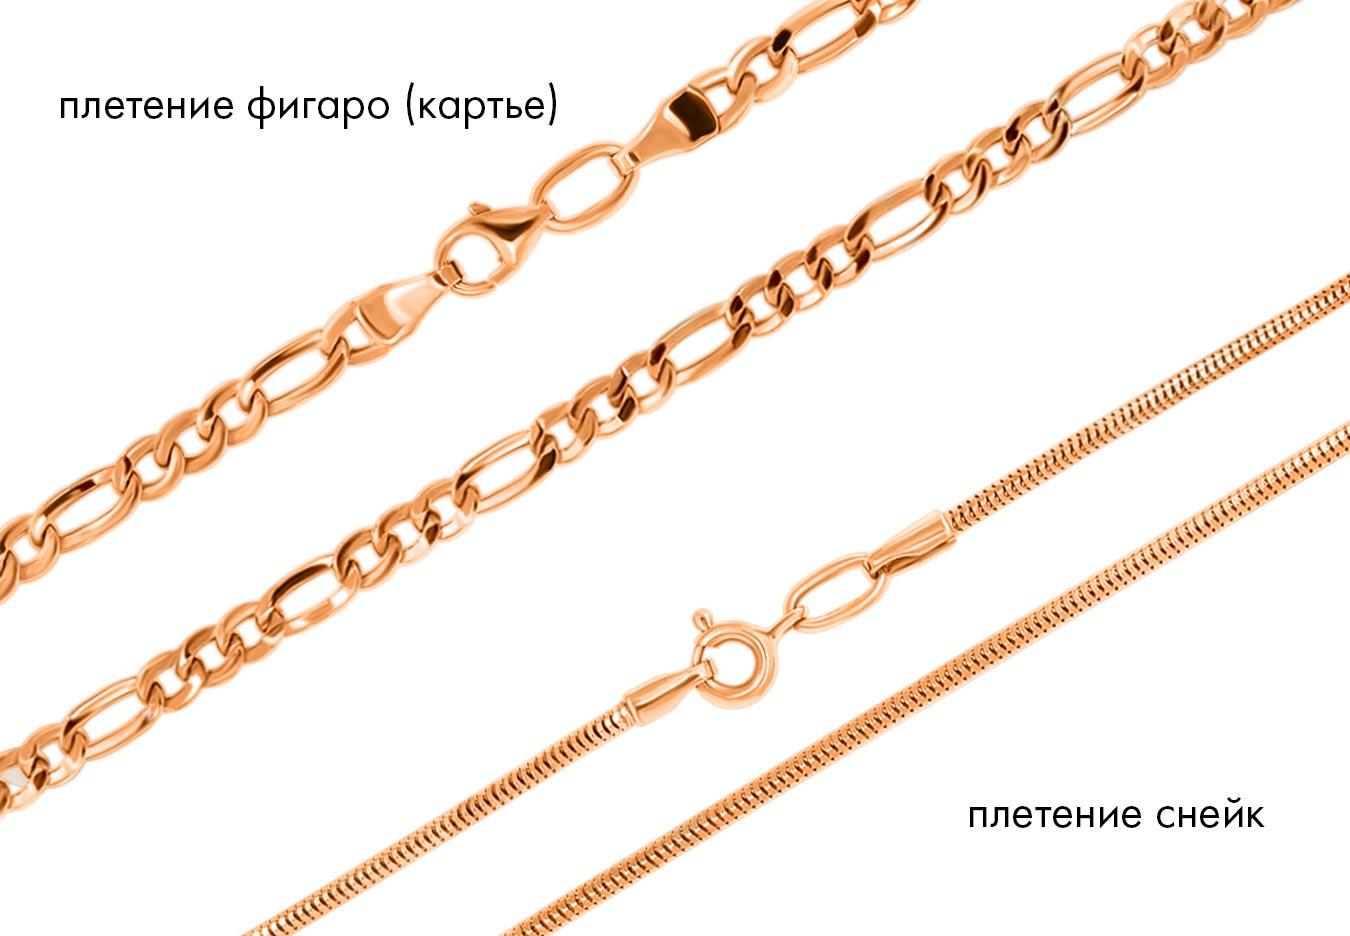 Золотые цепочки, тип плетения Фигаро (Картье) и Снейк.